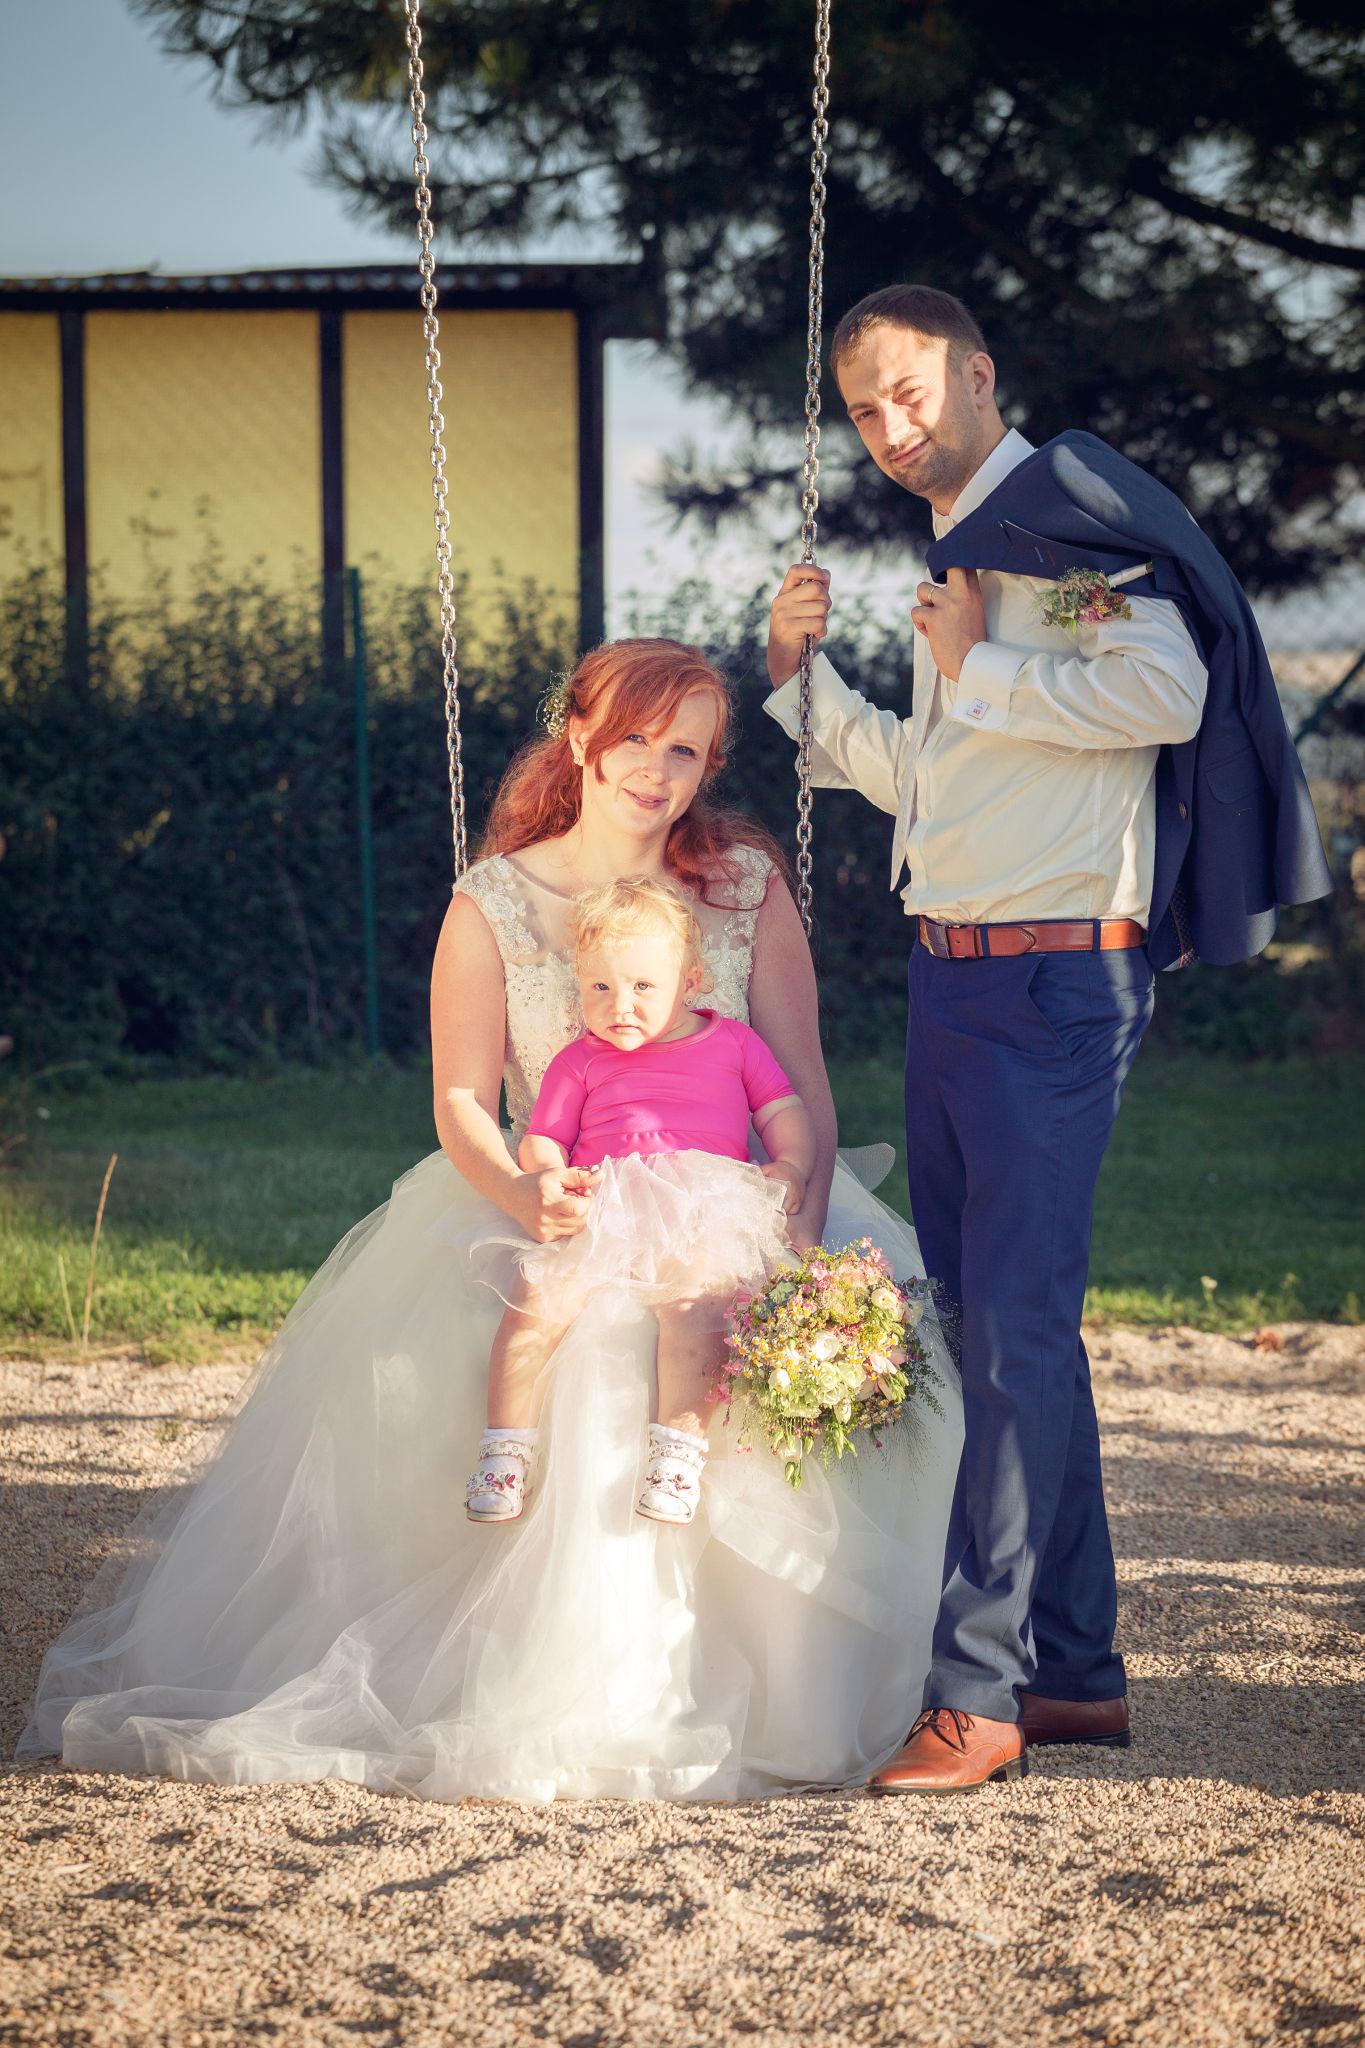 Svatba, rodina, nevěsta, ženich, fotograf Břetislav Válek